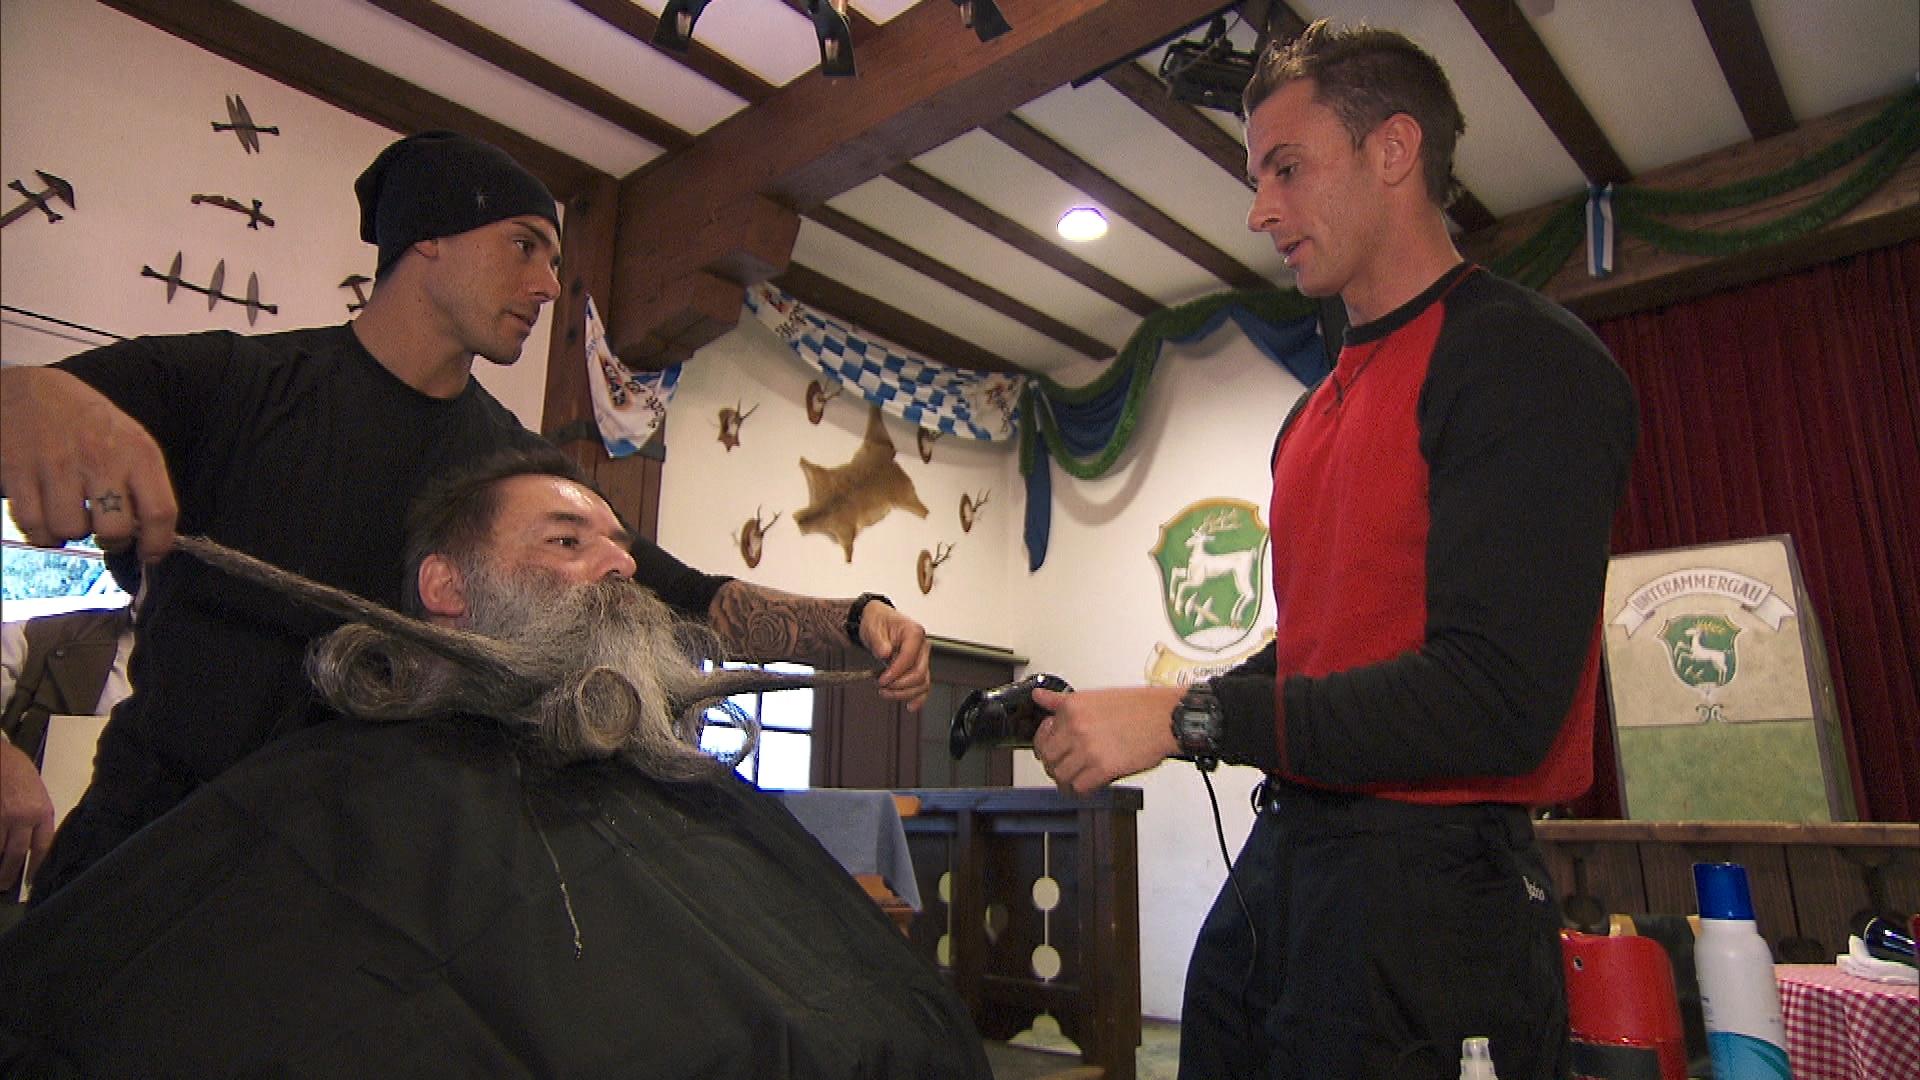 Styling a Beard